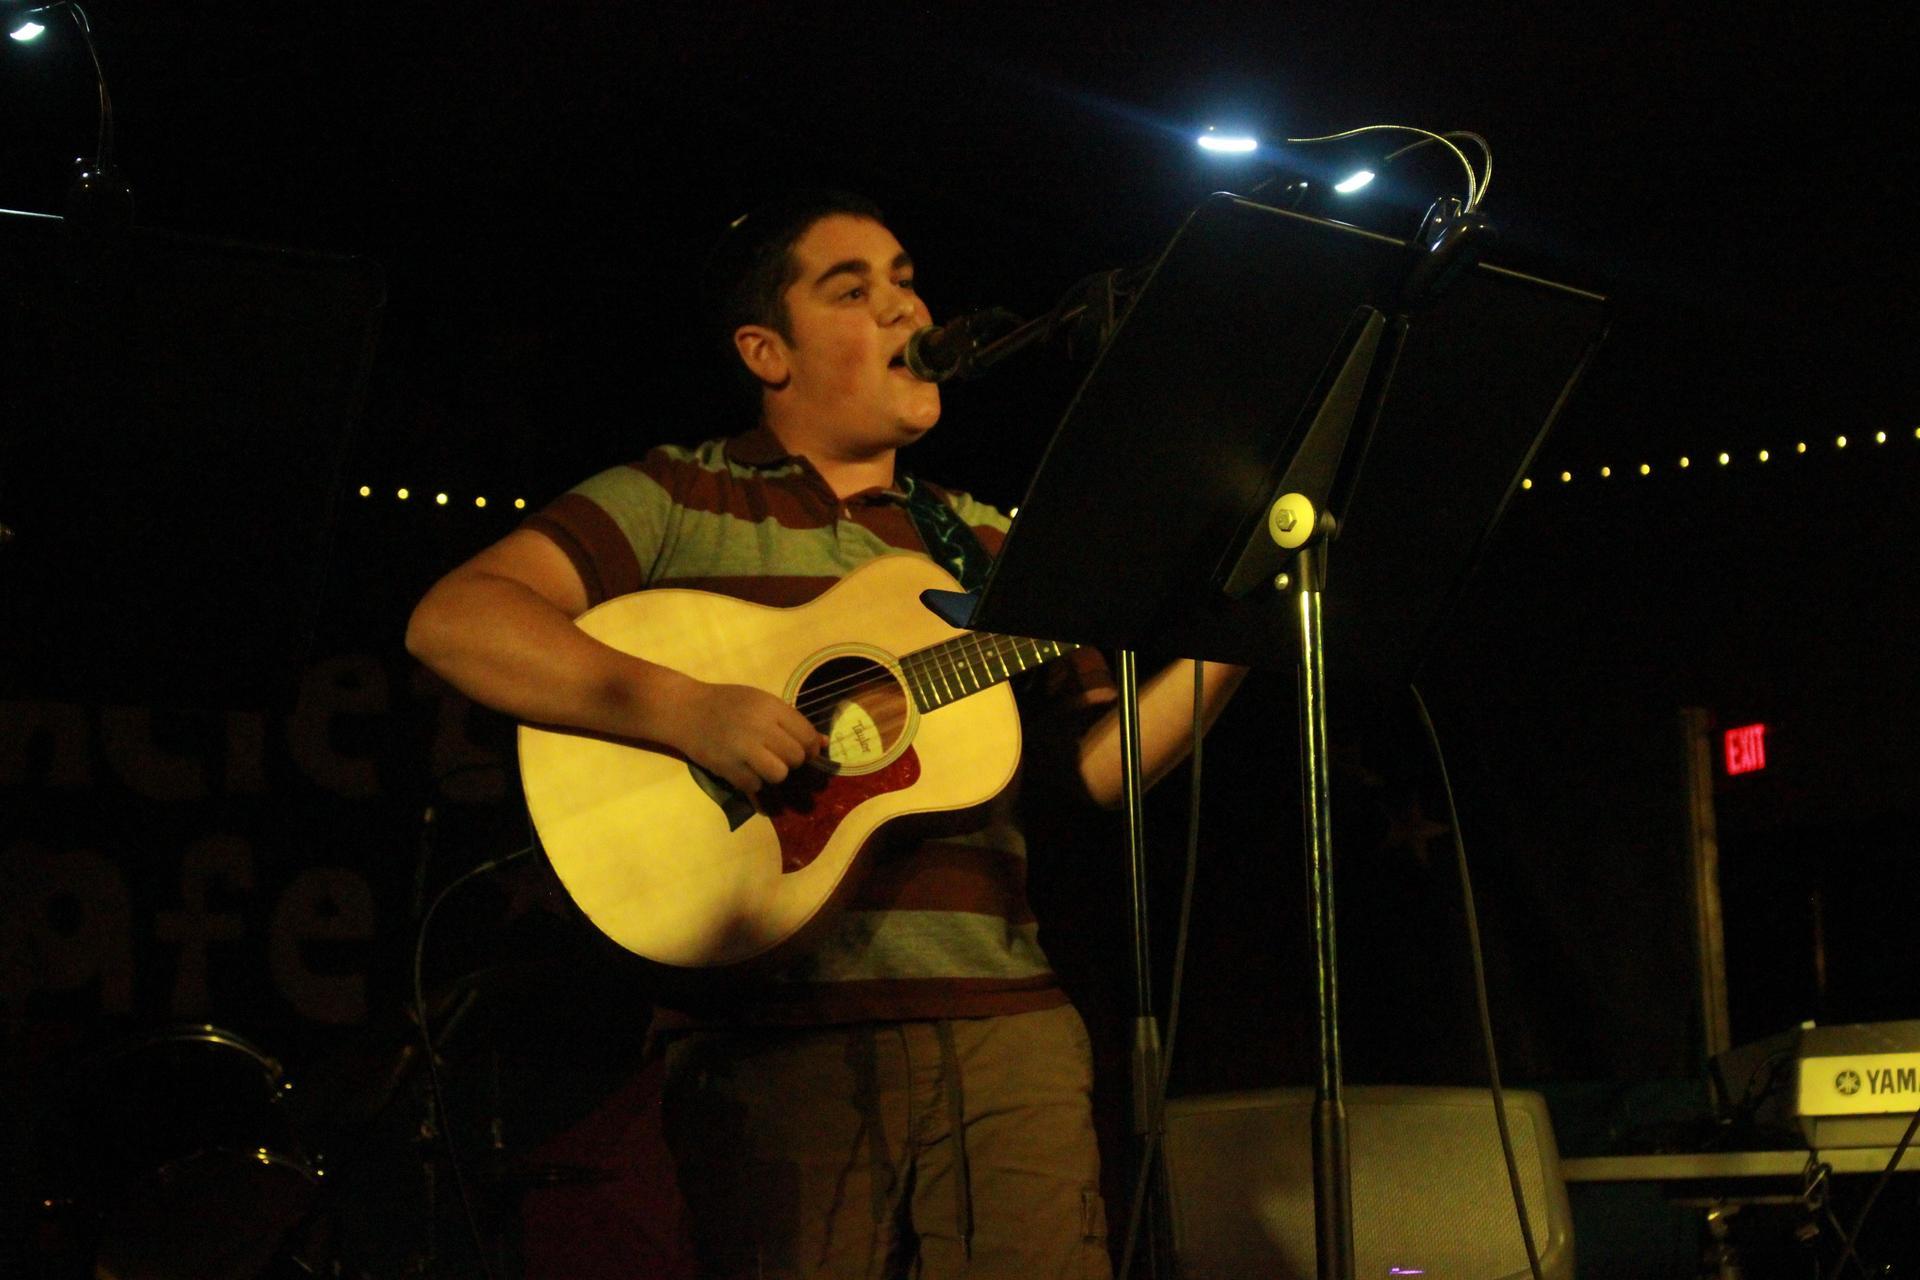 Levi singing